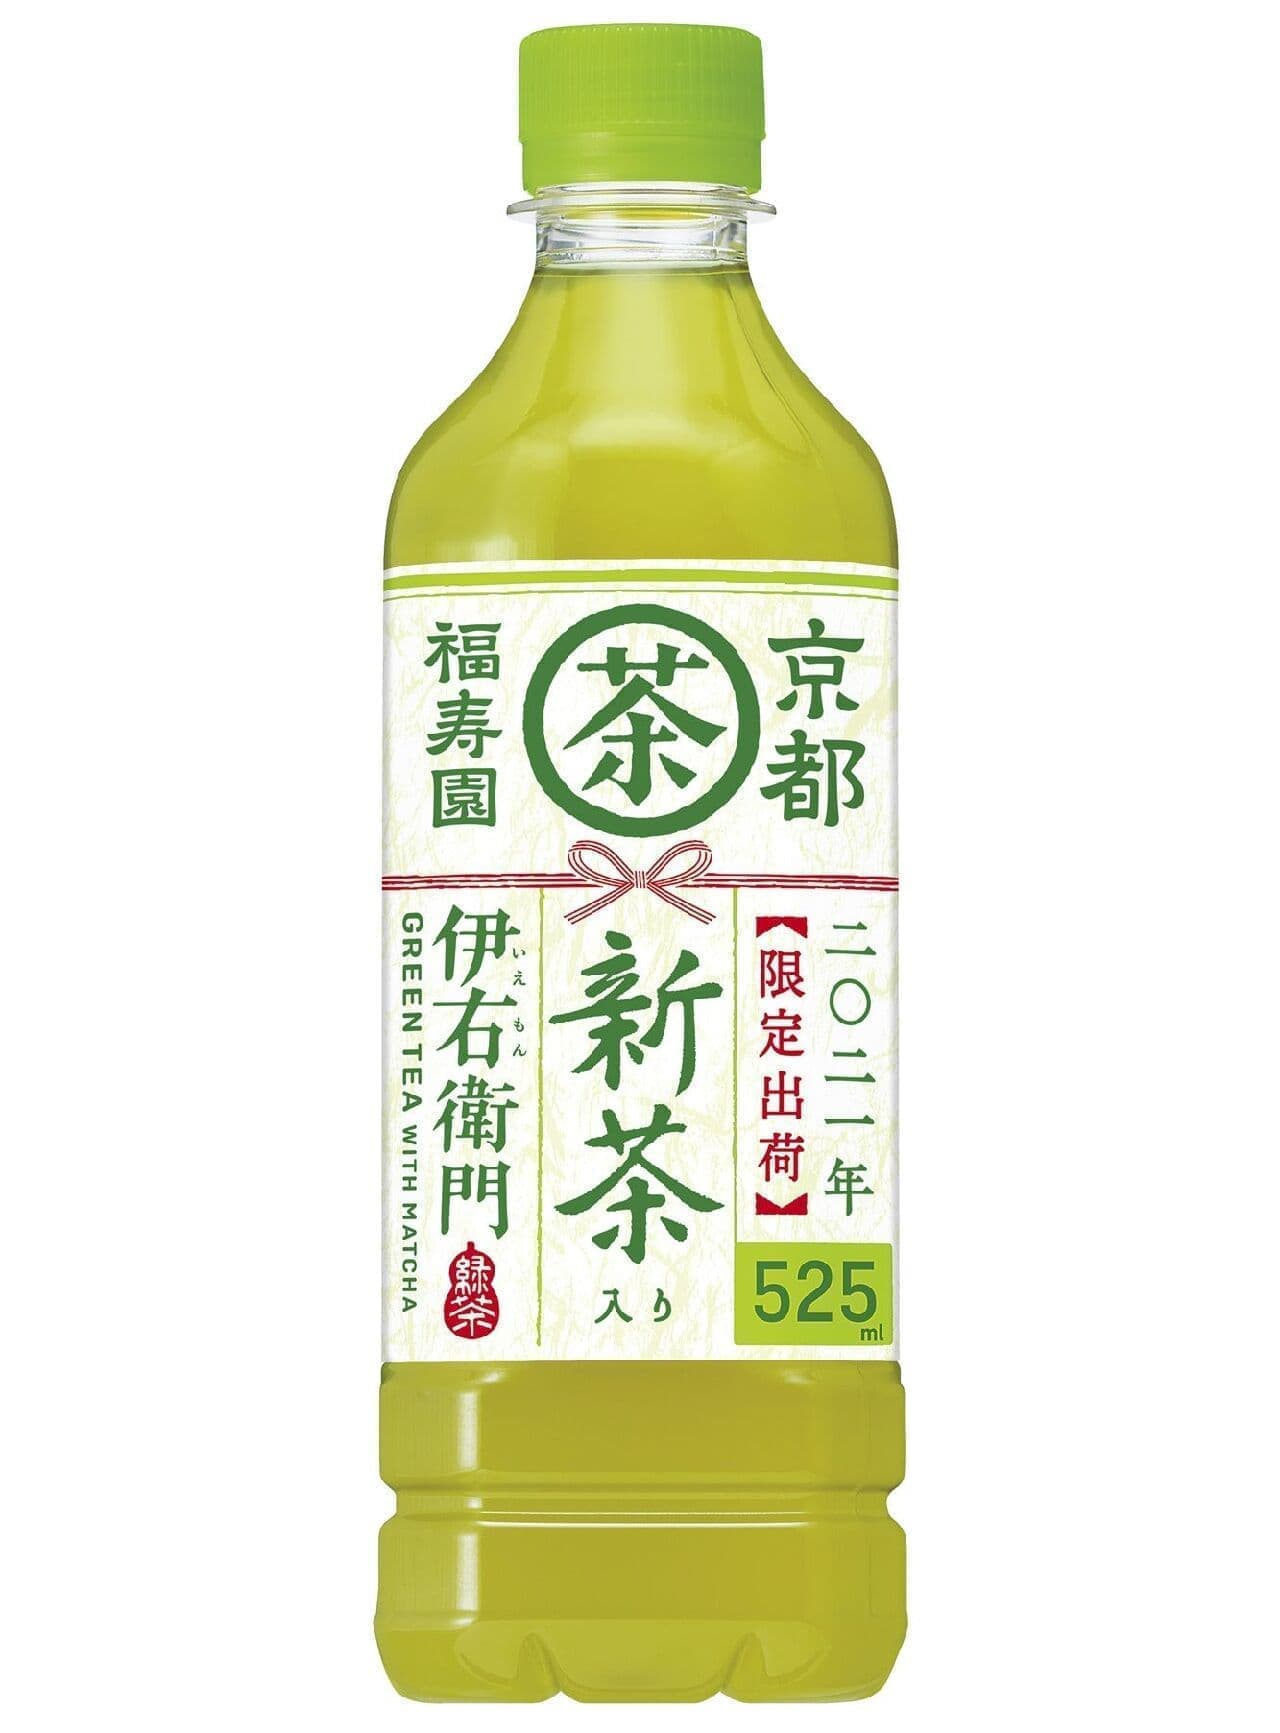 サントリー緑茶「伊右衛門 新茶入り」